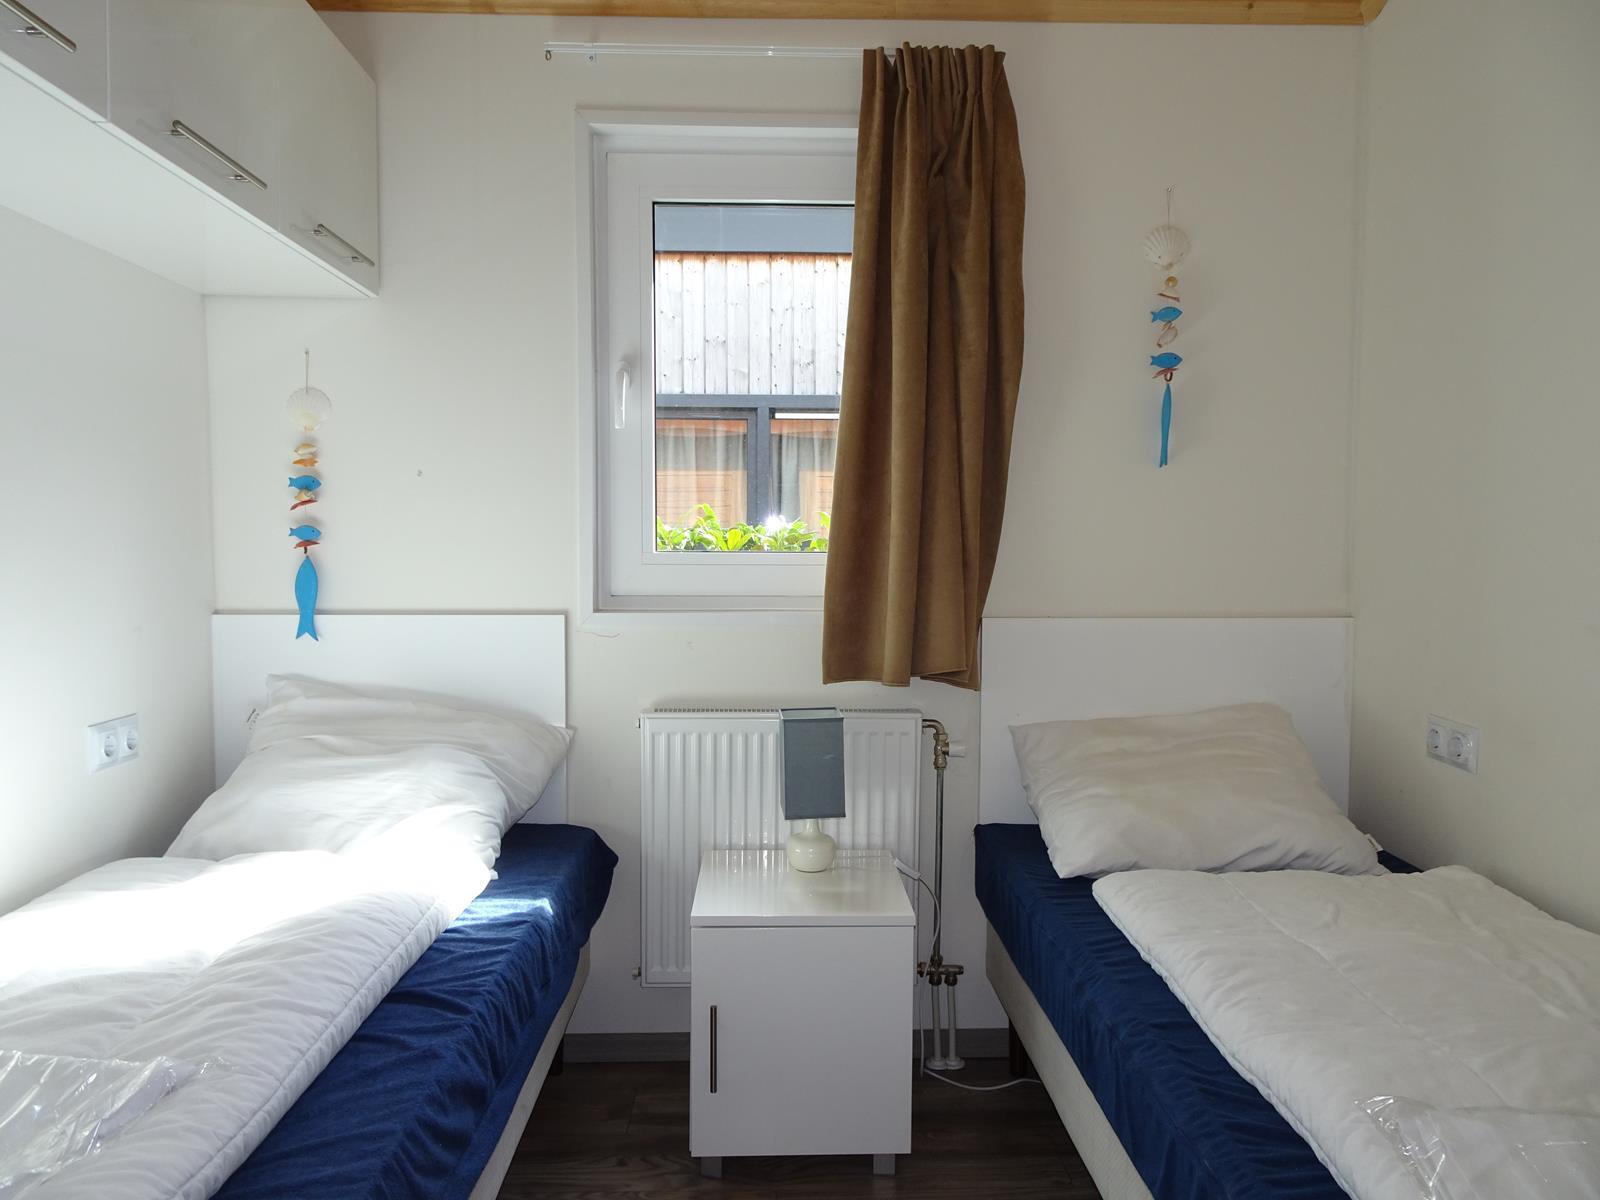 Vakantiehuis te koop Limburg Brunssum 003.jpg